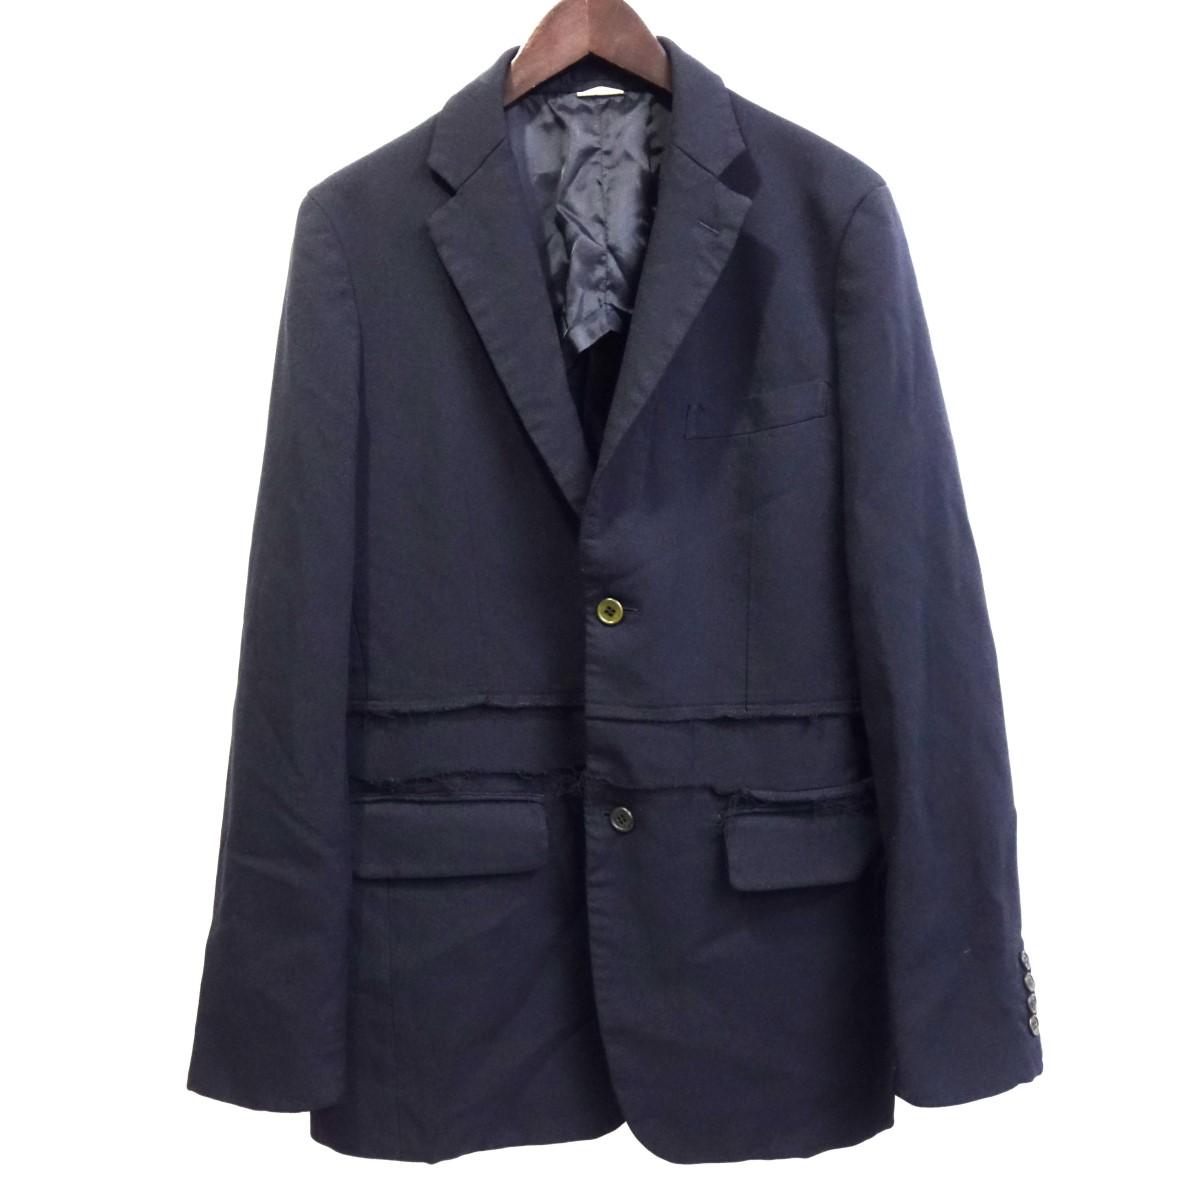 【中古】COMME des GARCONS HOMME DEUX 19SS カツトオフ再構築ポリ縮絨ジャケット ネイビー サイズ:S 【070420】(コムデギャルソンオムドゥ)